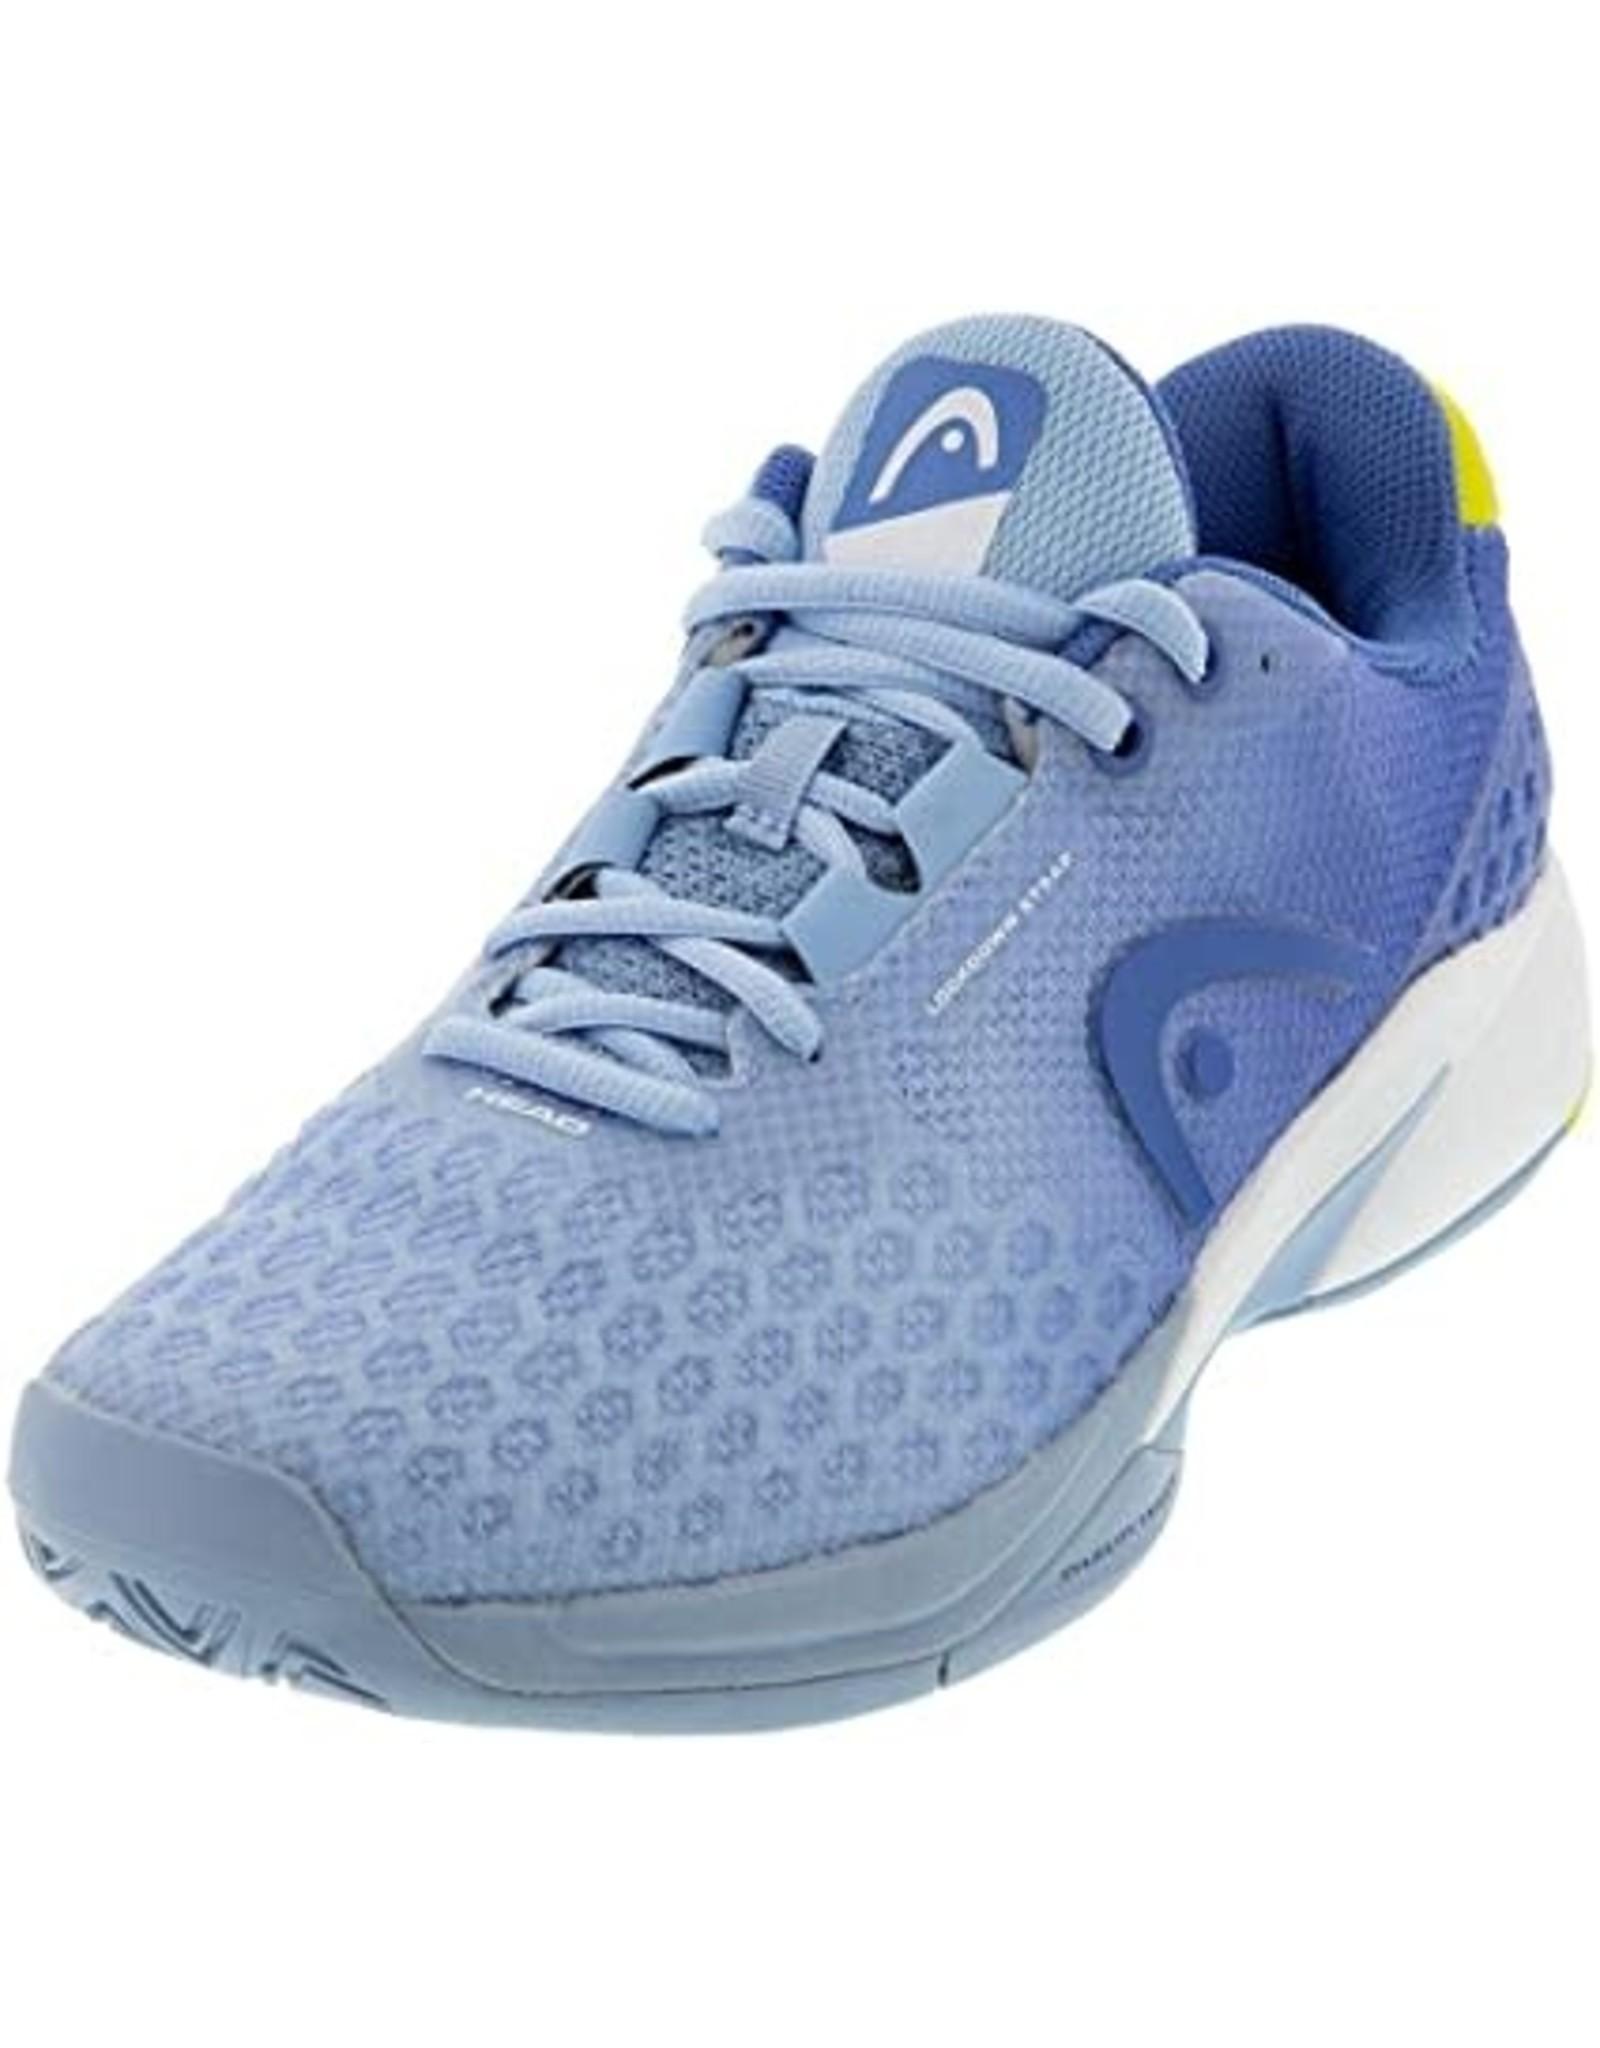 Head Head Revolt Pro 3.0 Women's Tennis Shoe